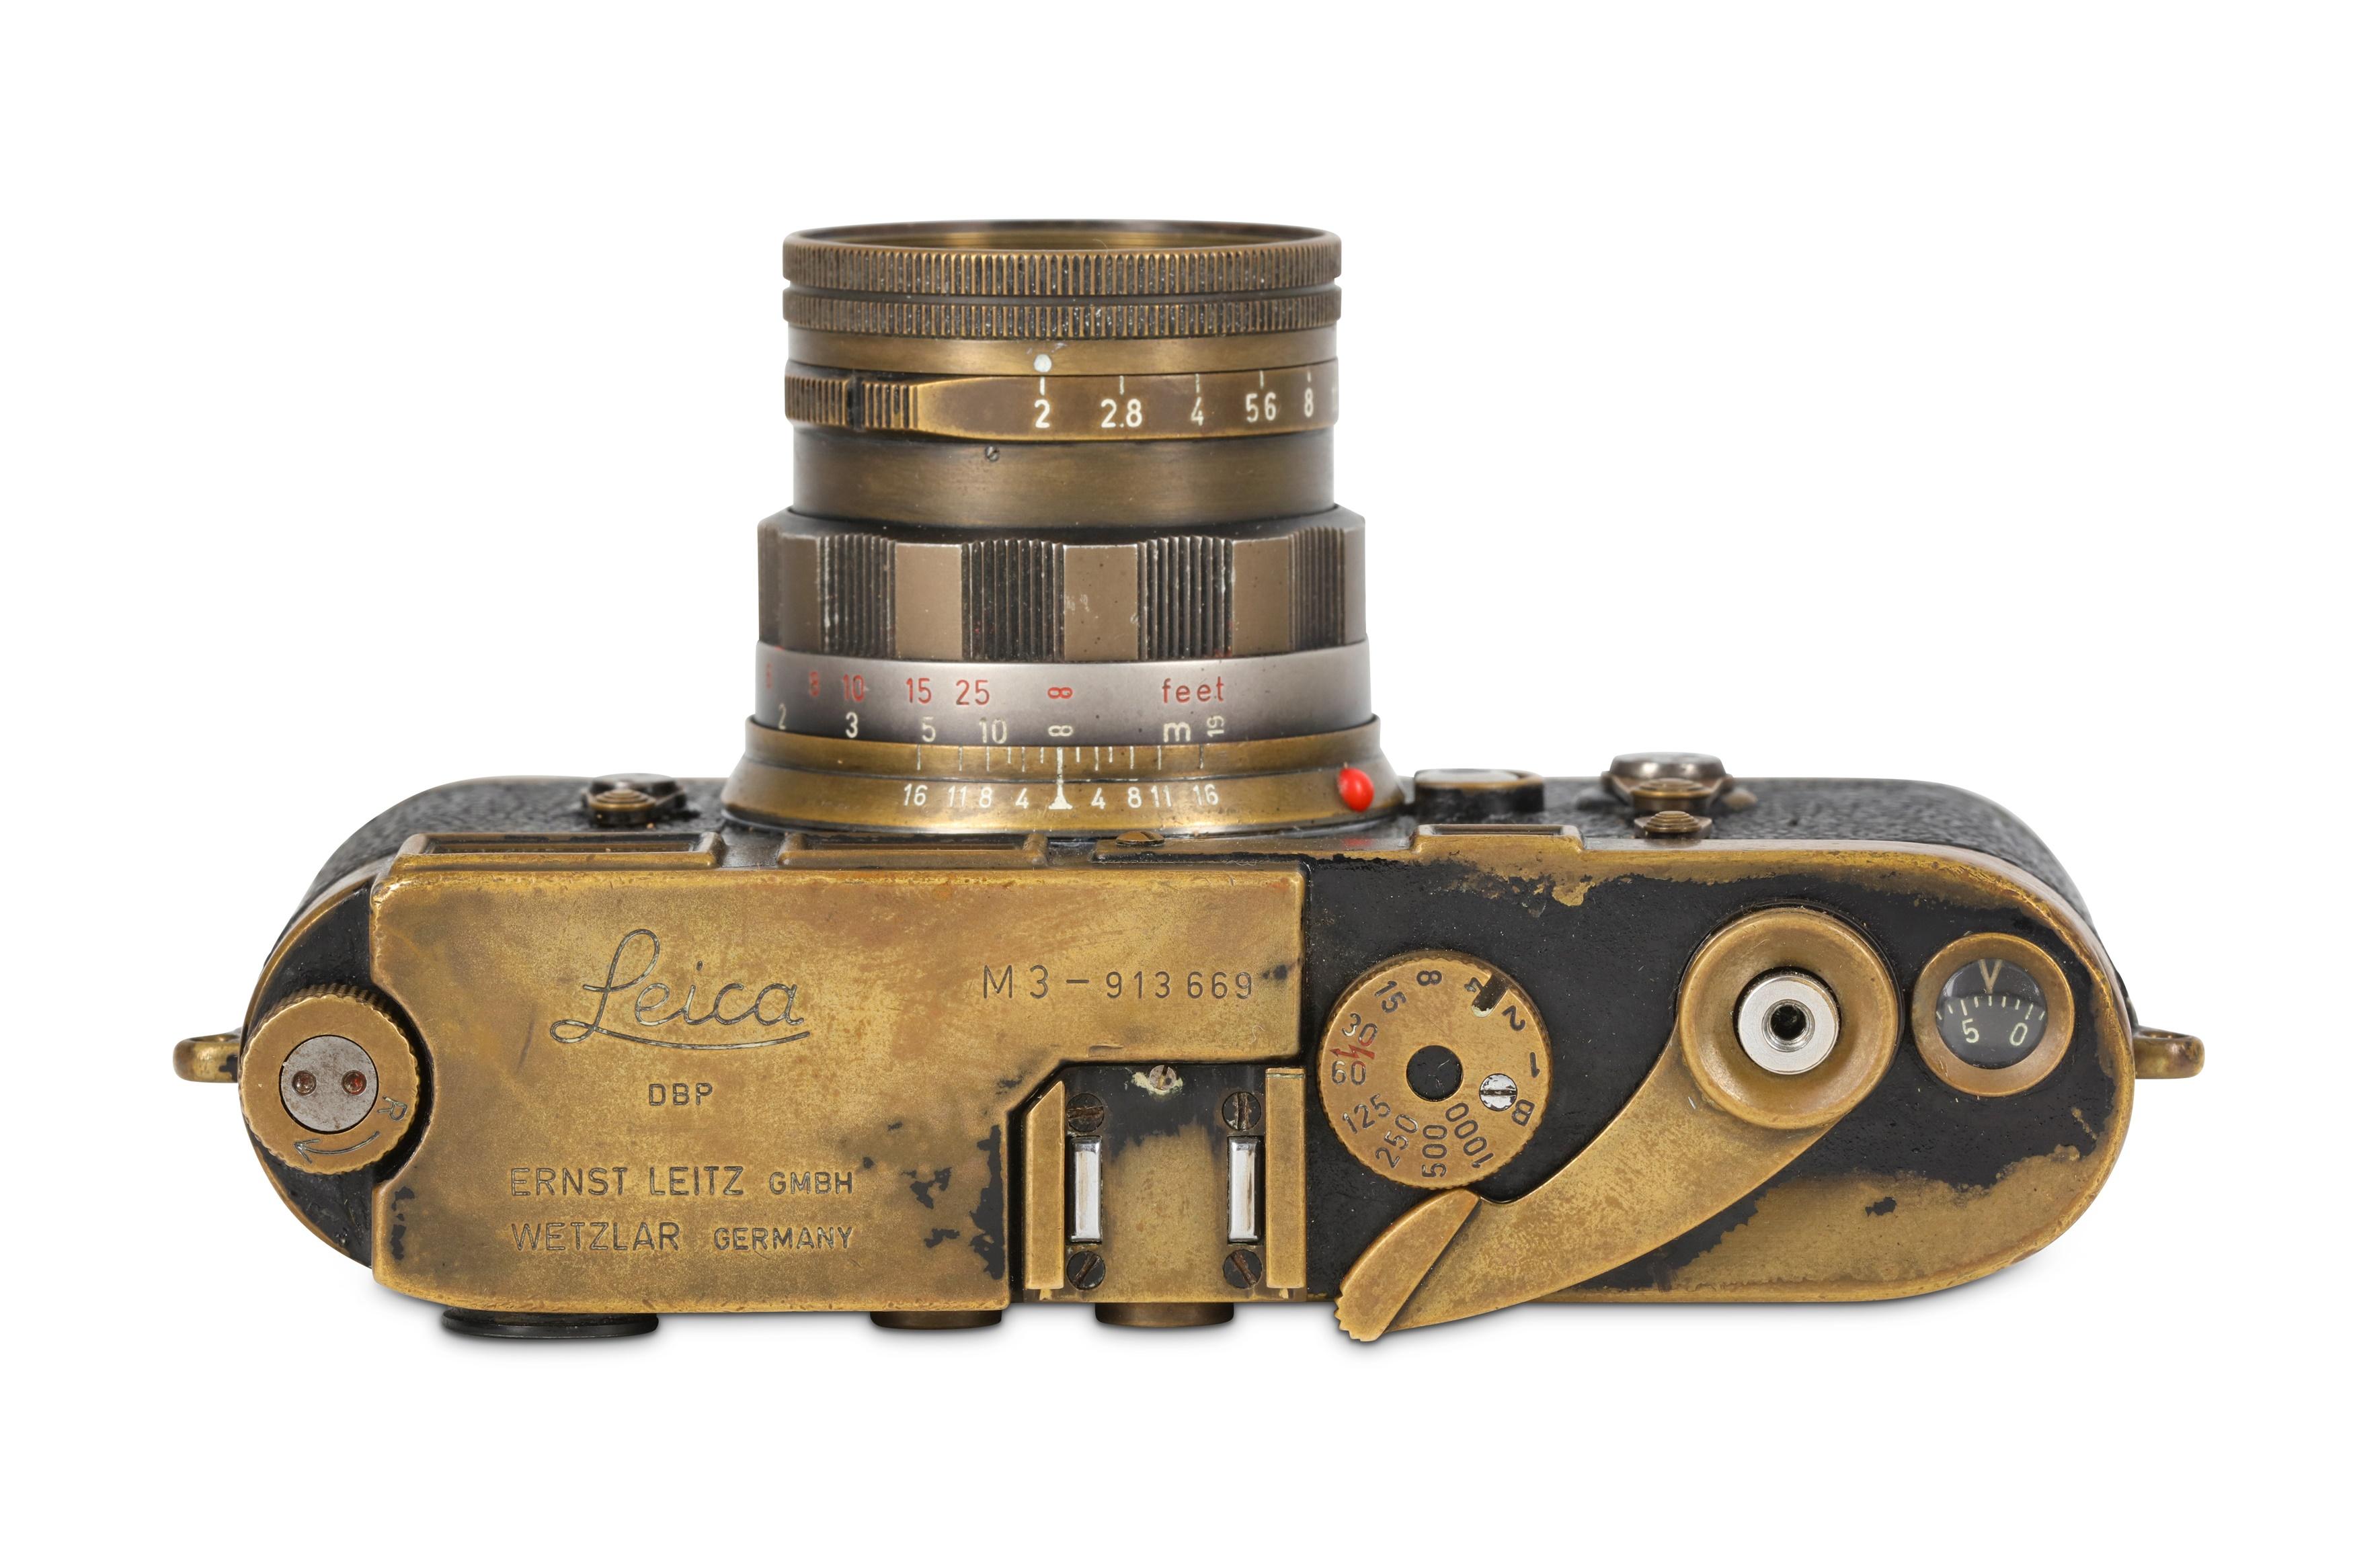 Leica Black